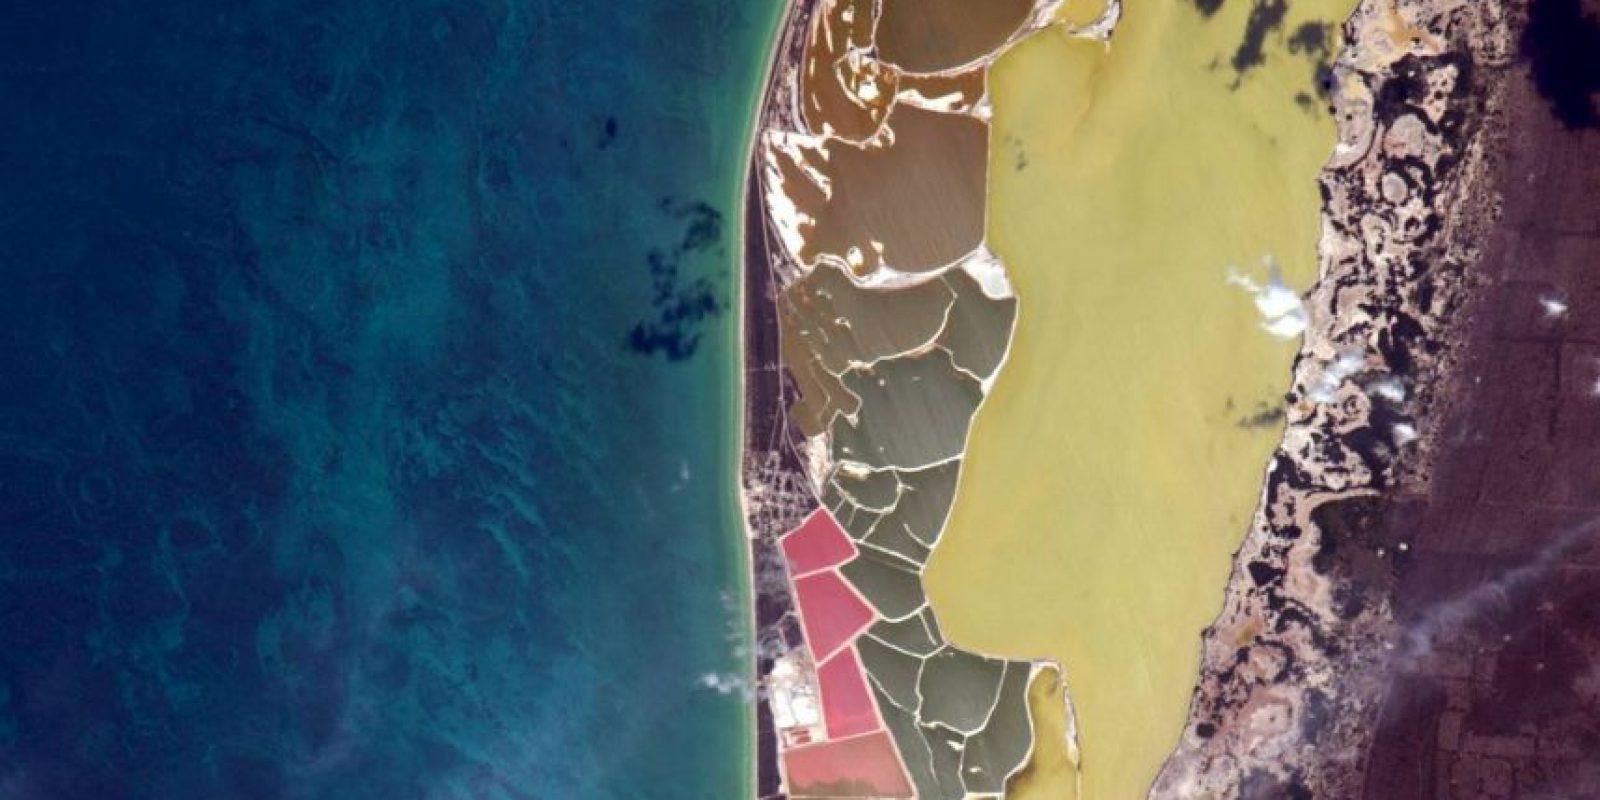 """""""No sé qué pasa aquí, pero esta es una playa en México"""" Foto:Facebook.com/pages/NASA-Astronaut-Scott-Kelly"""